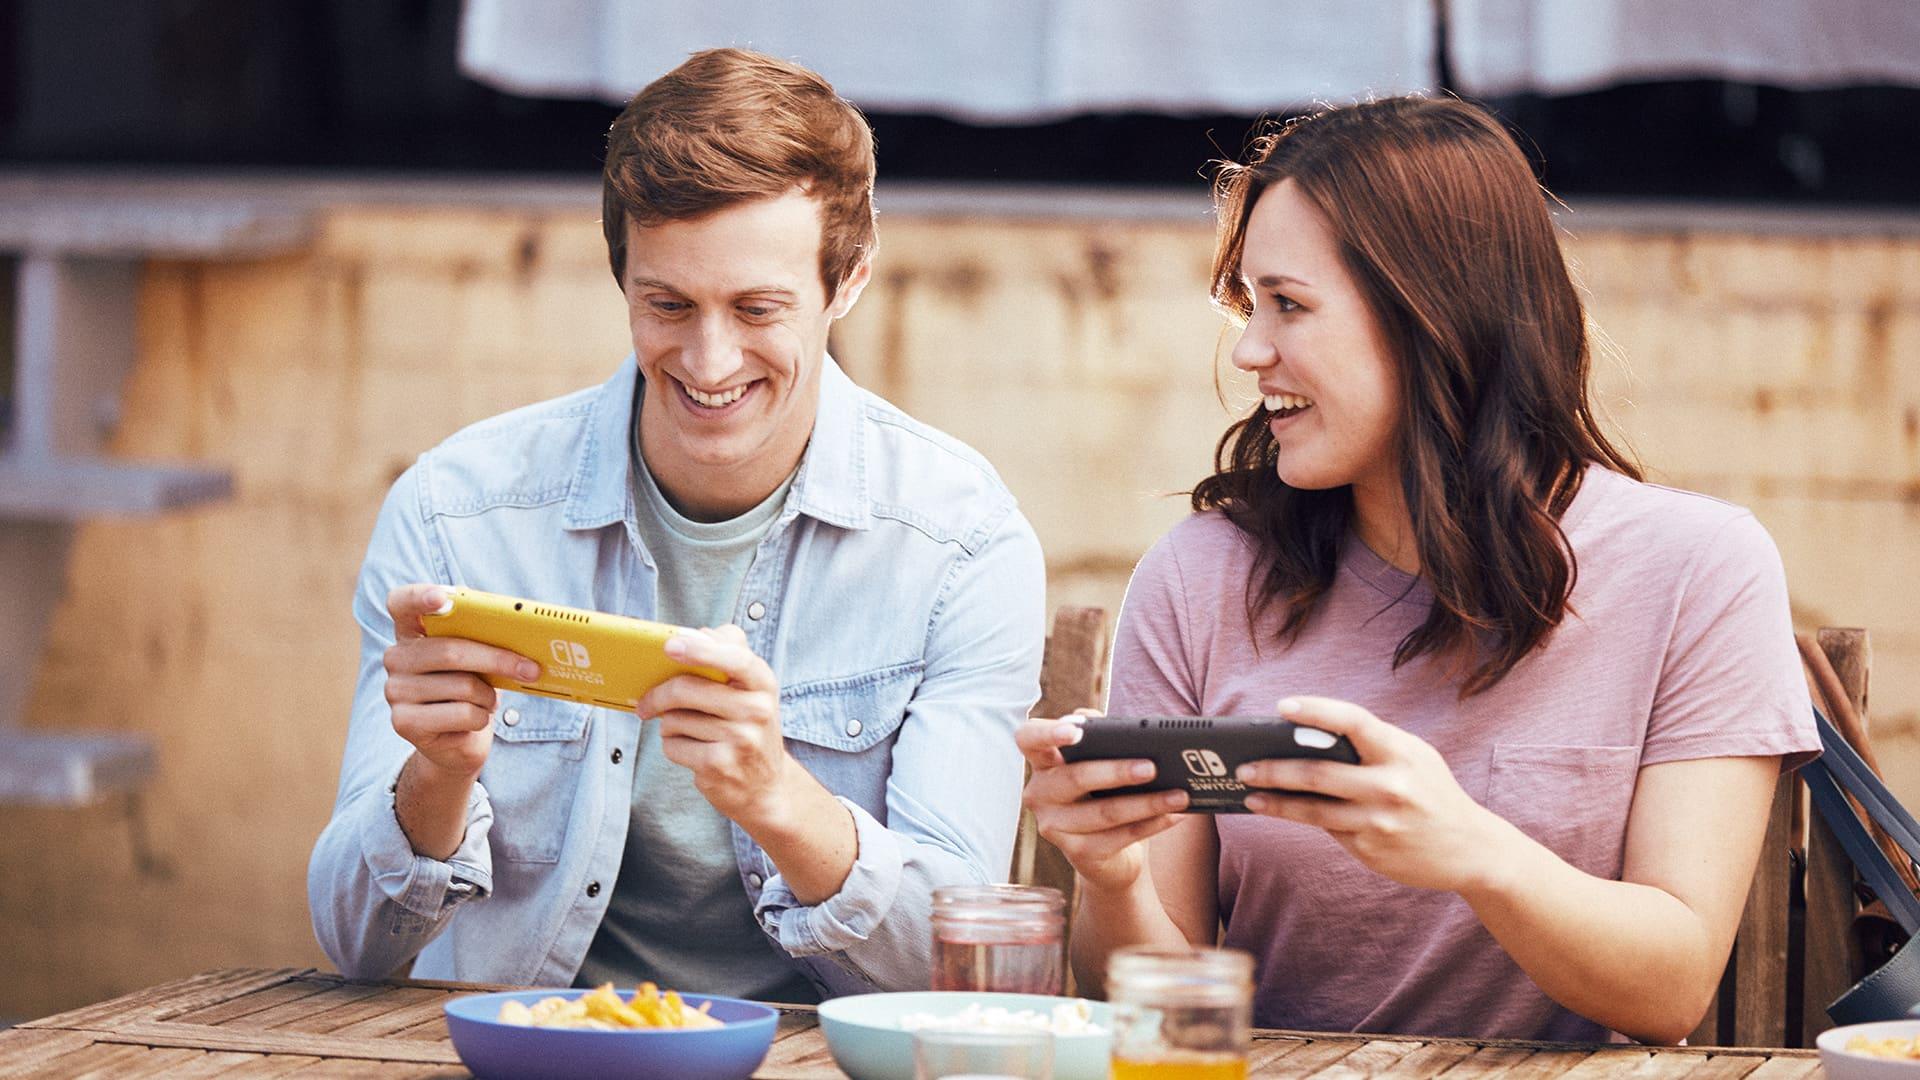 Nintendo descarta competir en potencia con Xbox y PlayStation: su apuesta sigue siendo la diversión